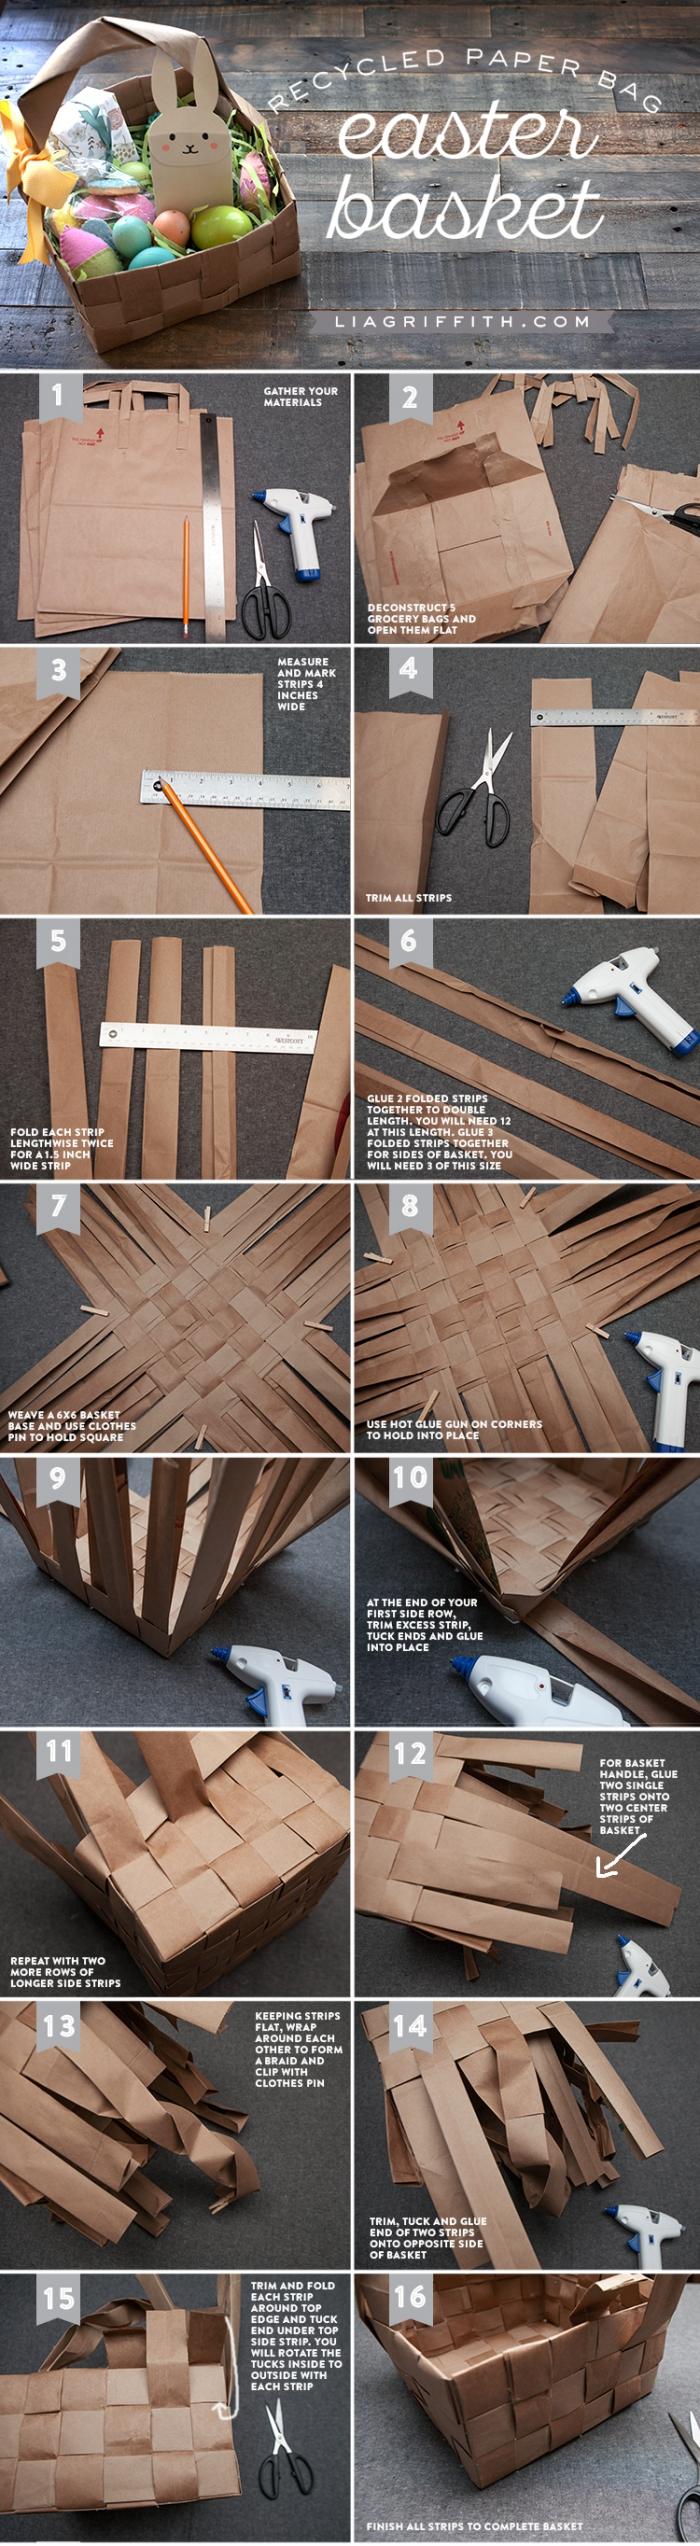 papierkörbchen basteln anleitung, ekciger korb aus pappe machen, schritt für schritt